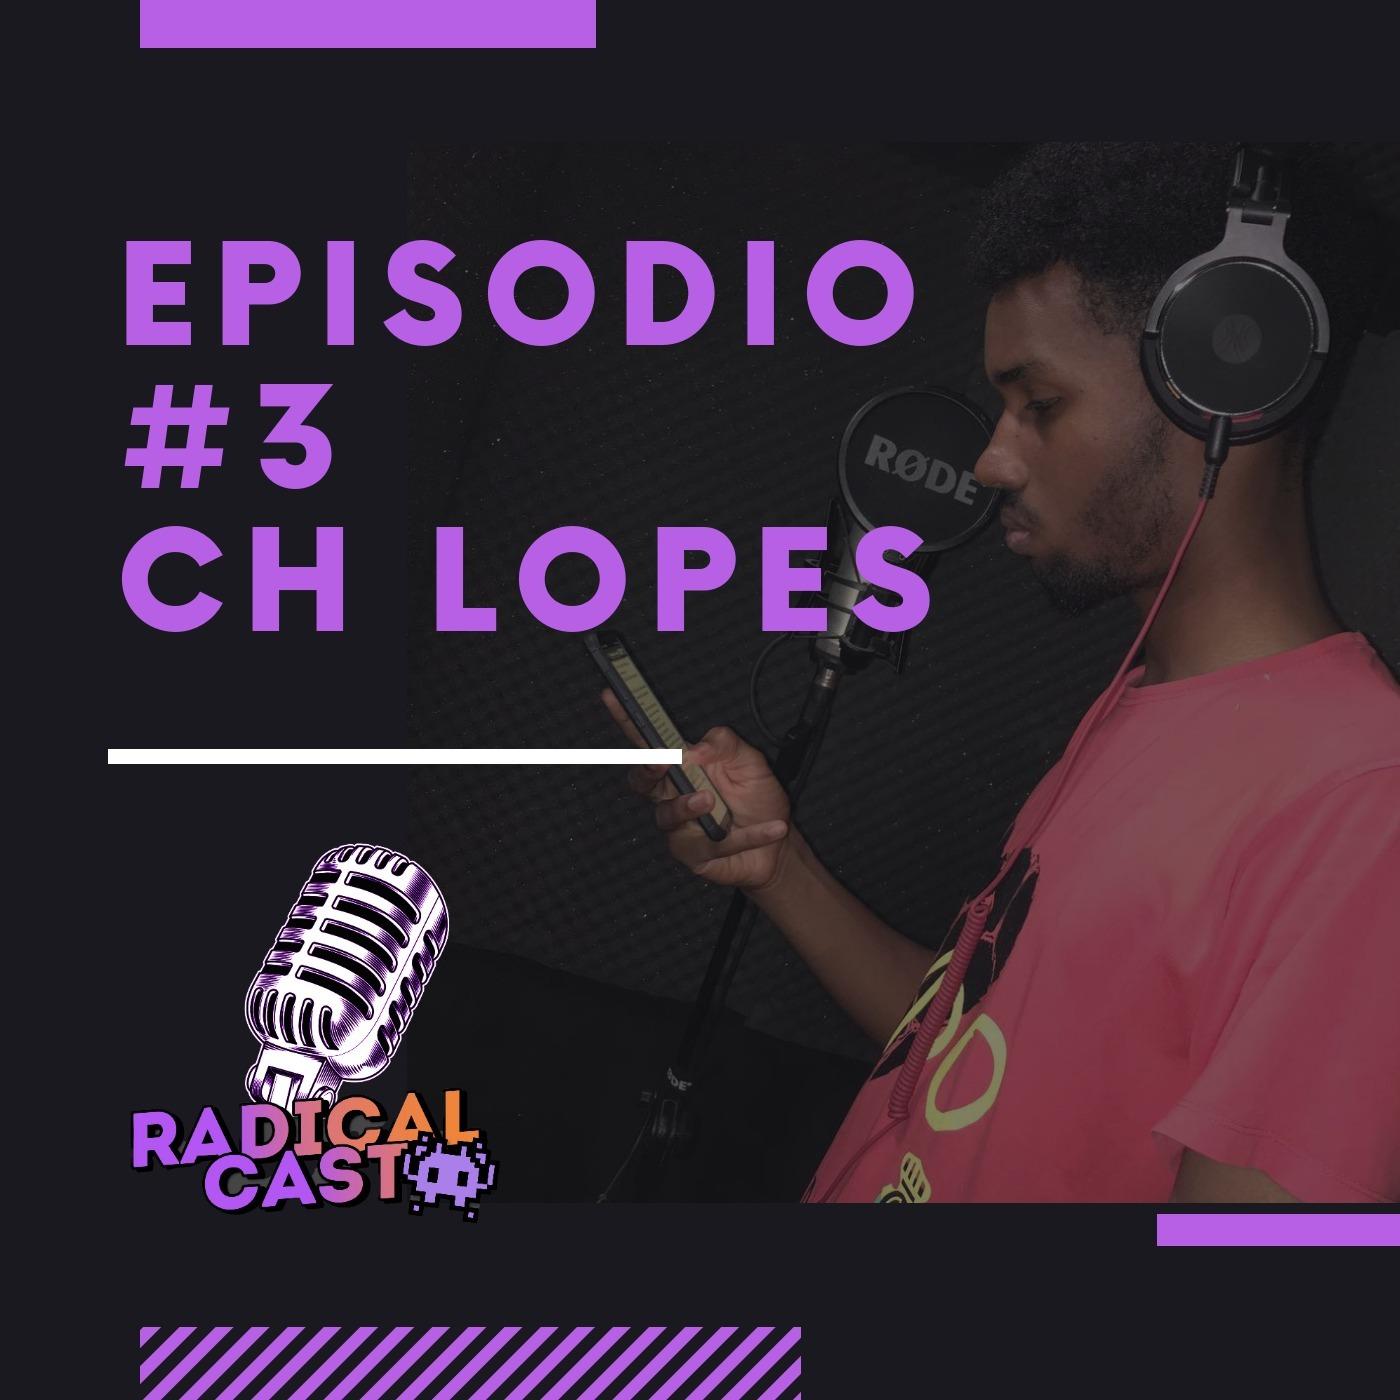 RadicalCast - #03 Música e Influências Culturais (convidado CH Lopes)